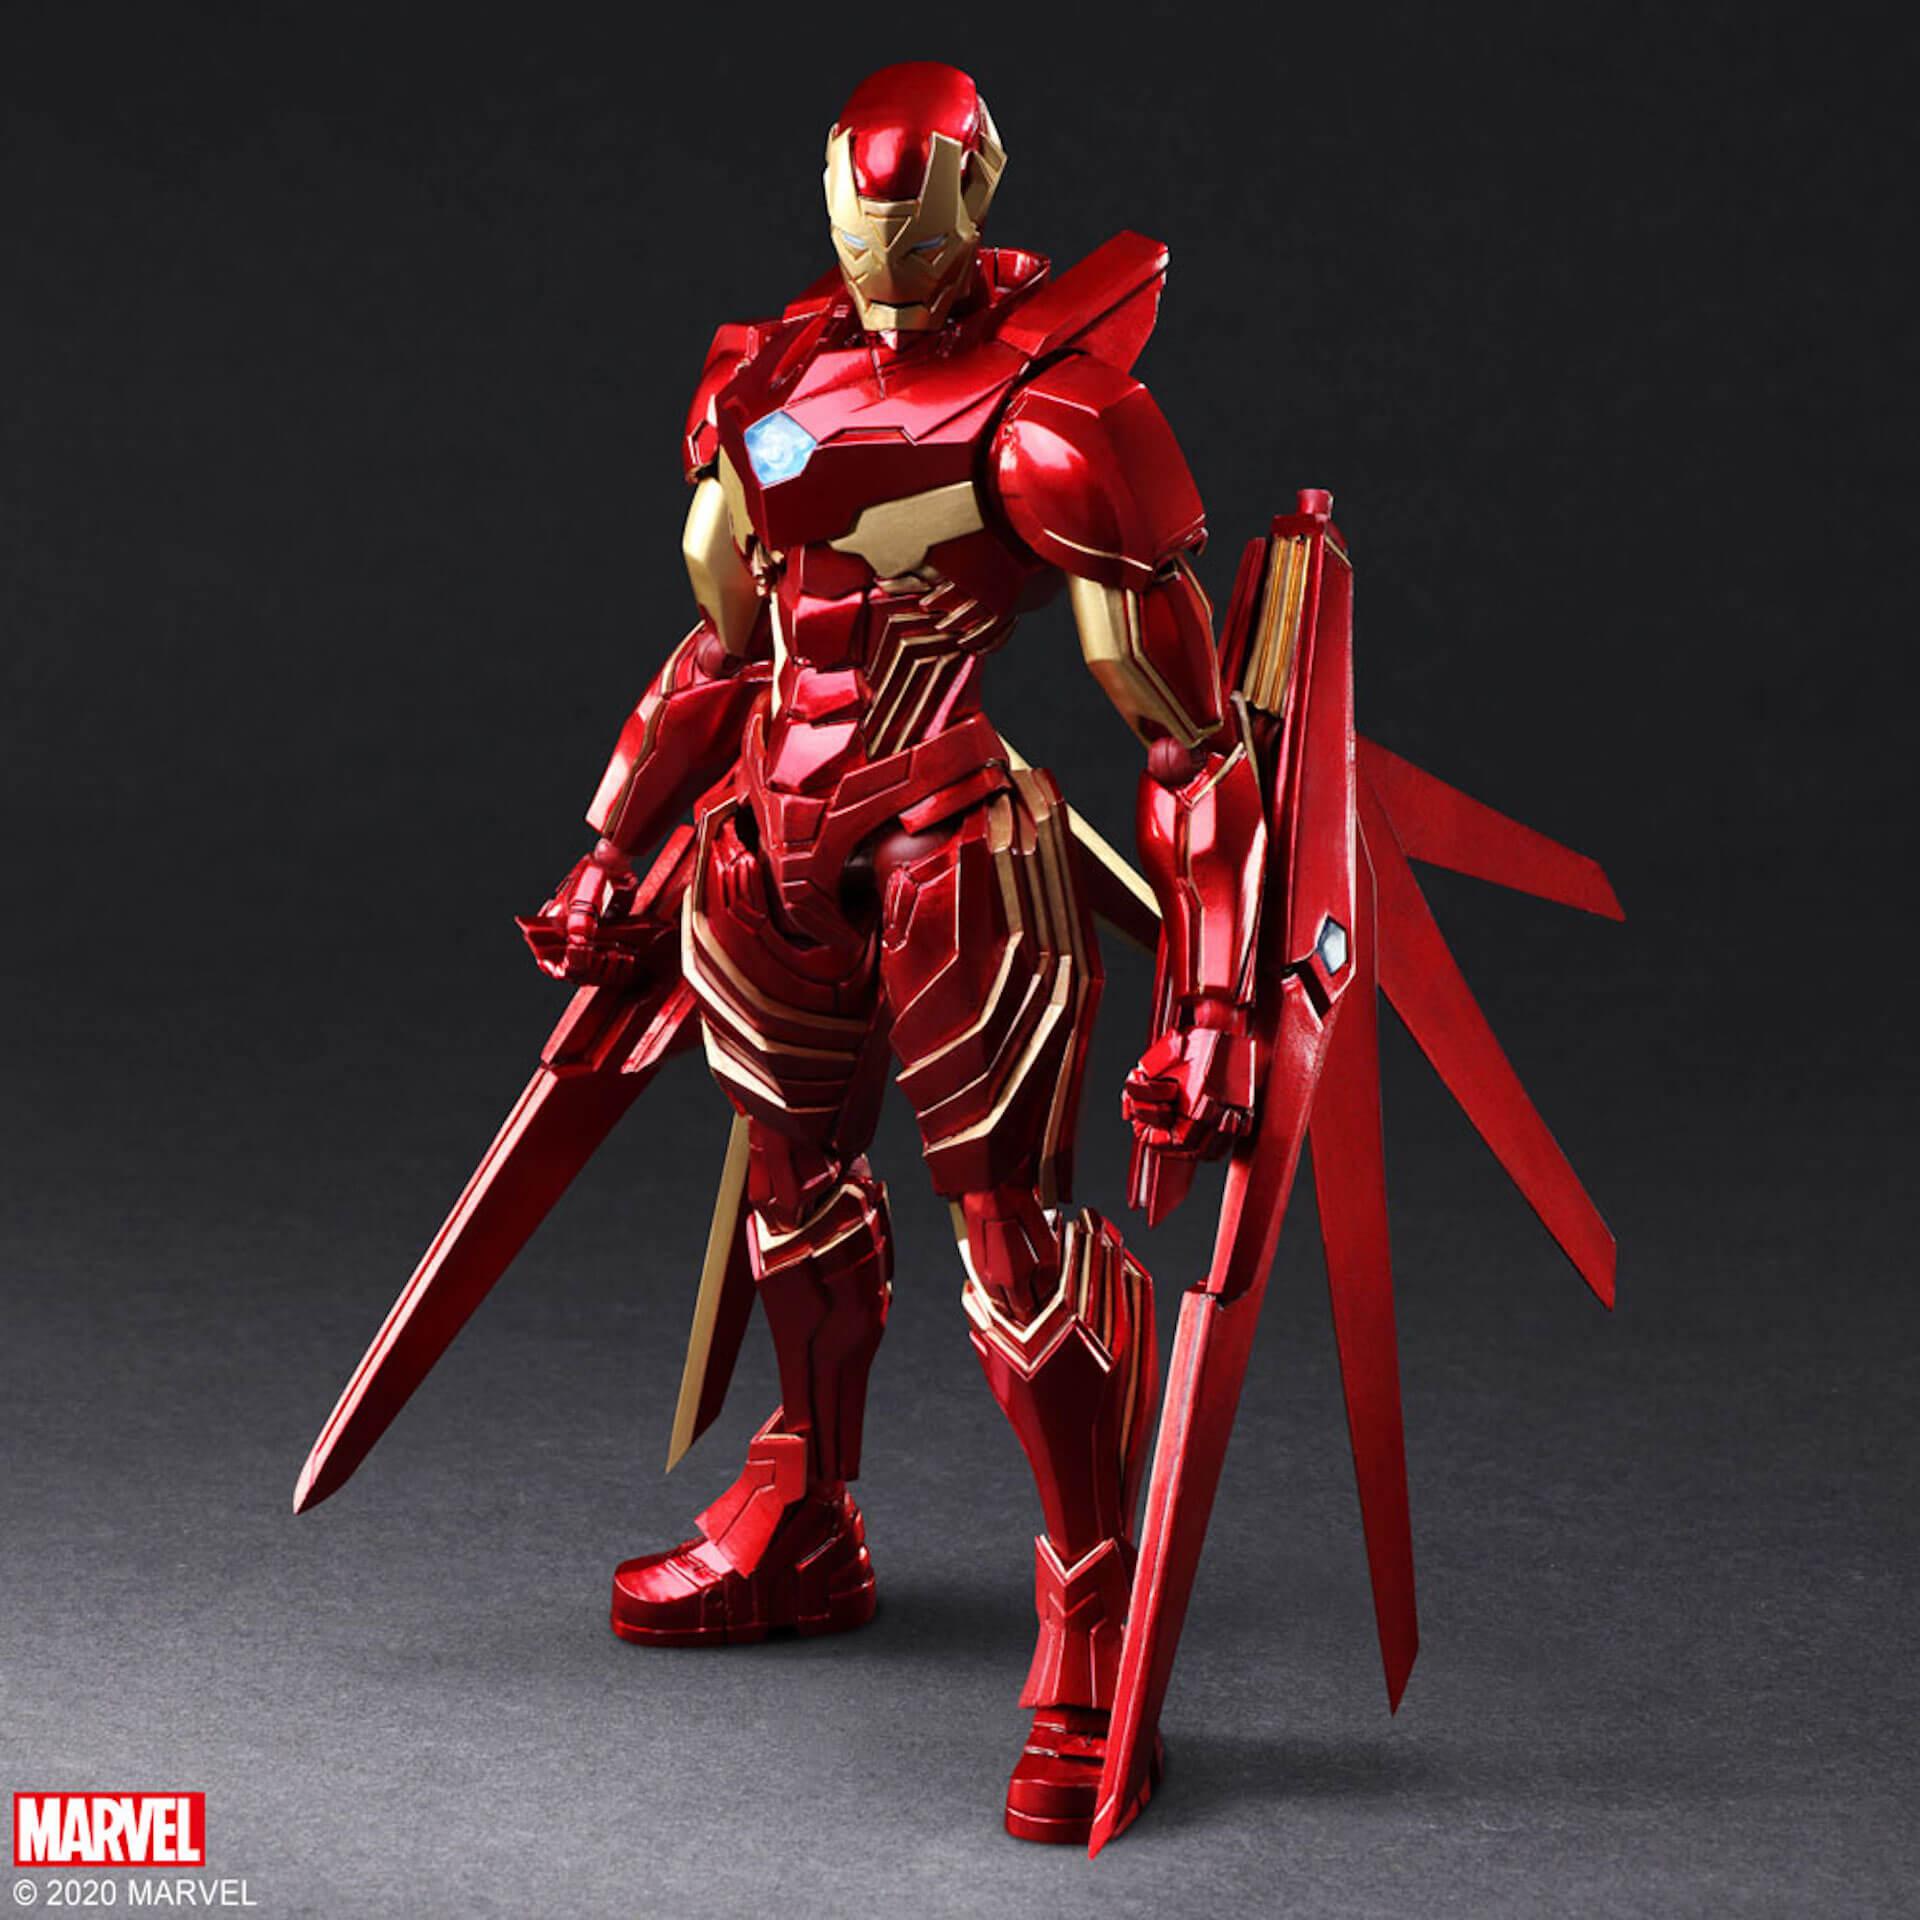 野村哲也デザインの『アイアンマン』『キャプテン・アメリカ』『スパイダーマン』フィギュアがスクウェア・エニックスのオンラインサイトで予約受付中! ac200702_marvel_nomuratesuya_04